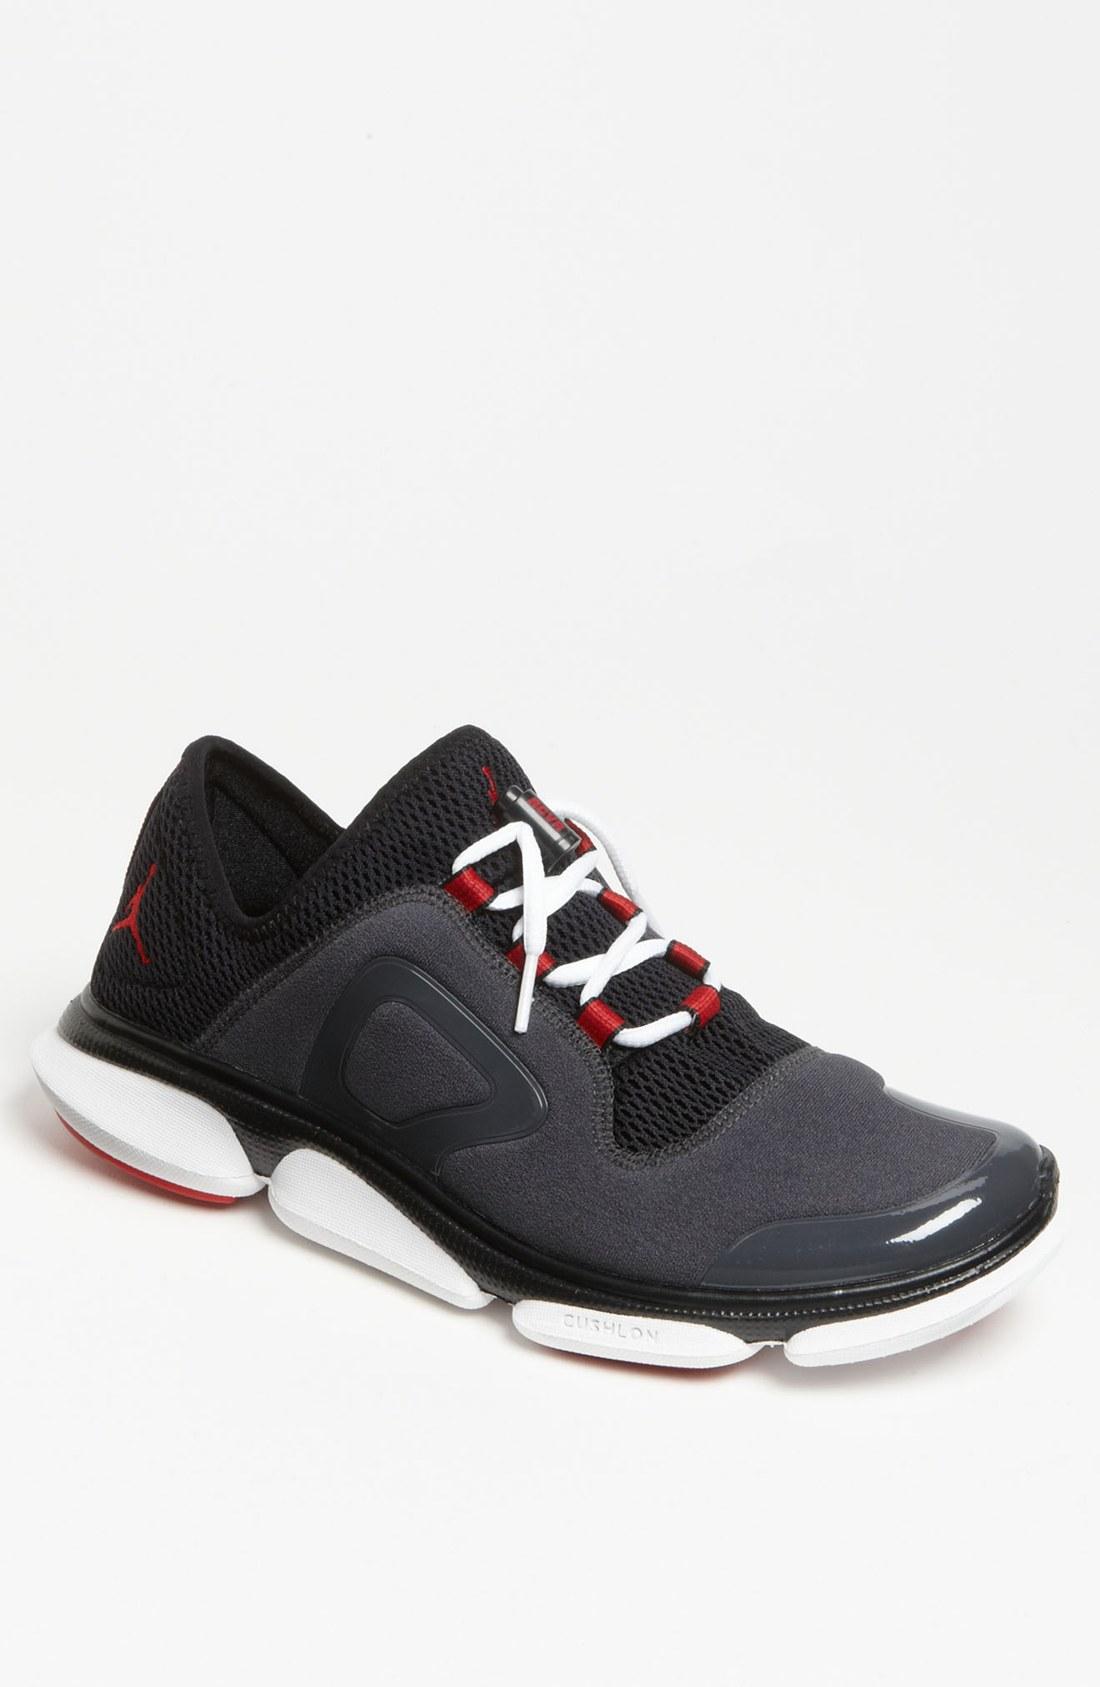 Air Jordan Rcvr Training Shoes